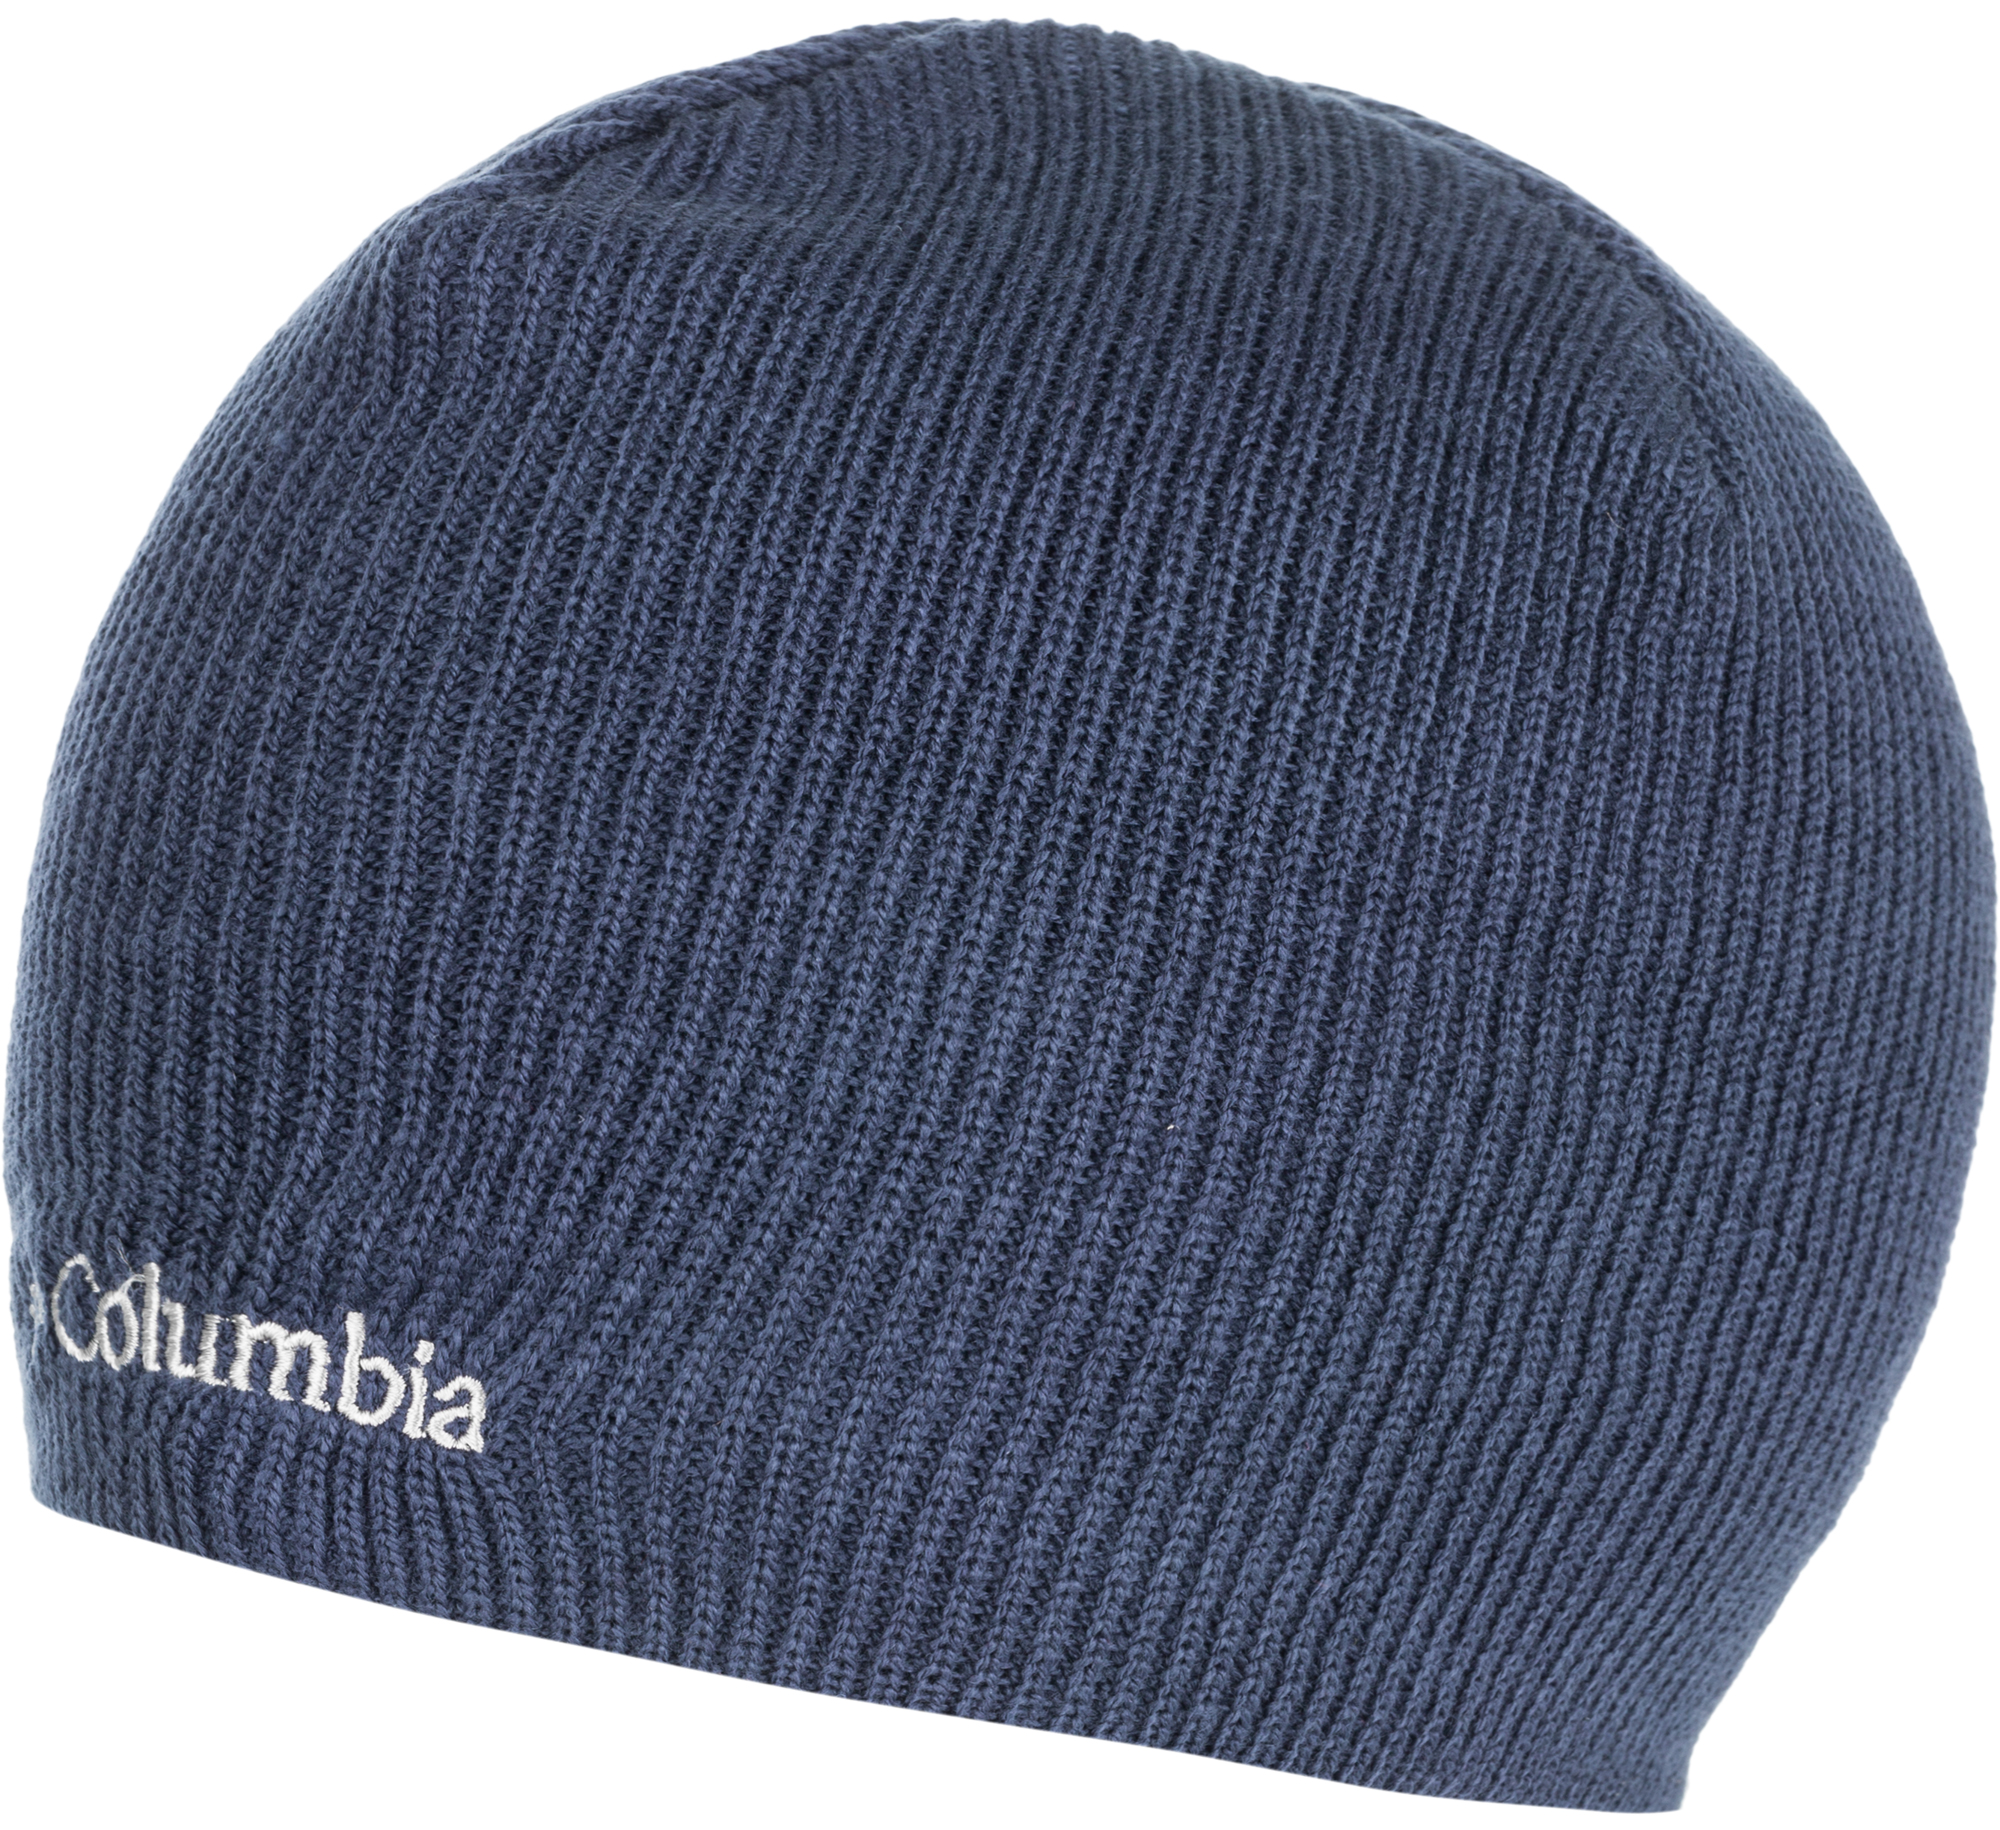 Columbia Шапка Columbia Whirlibird Watch columbia шапка columbia urbanization mix